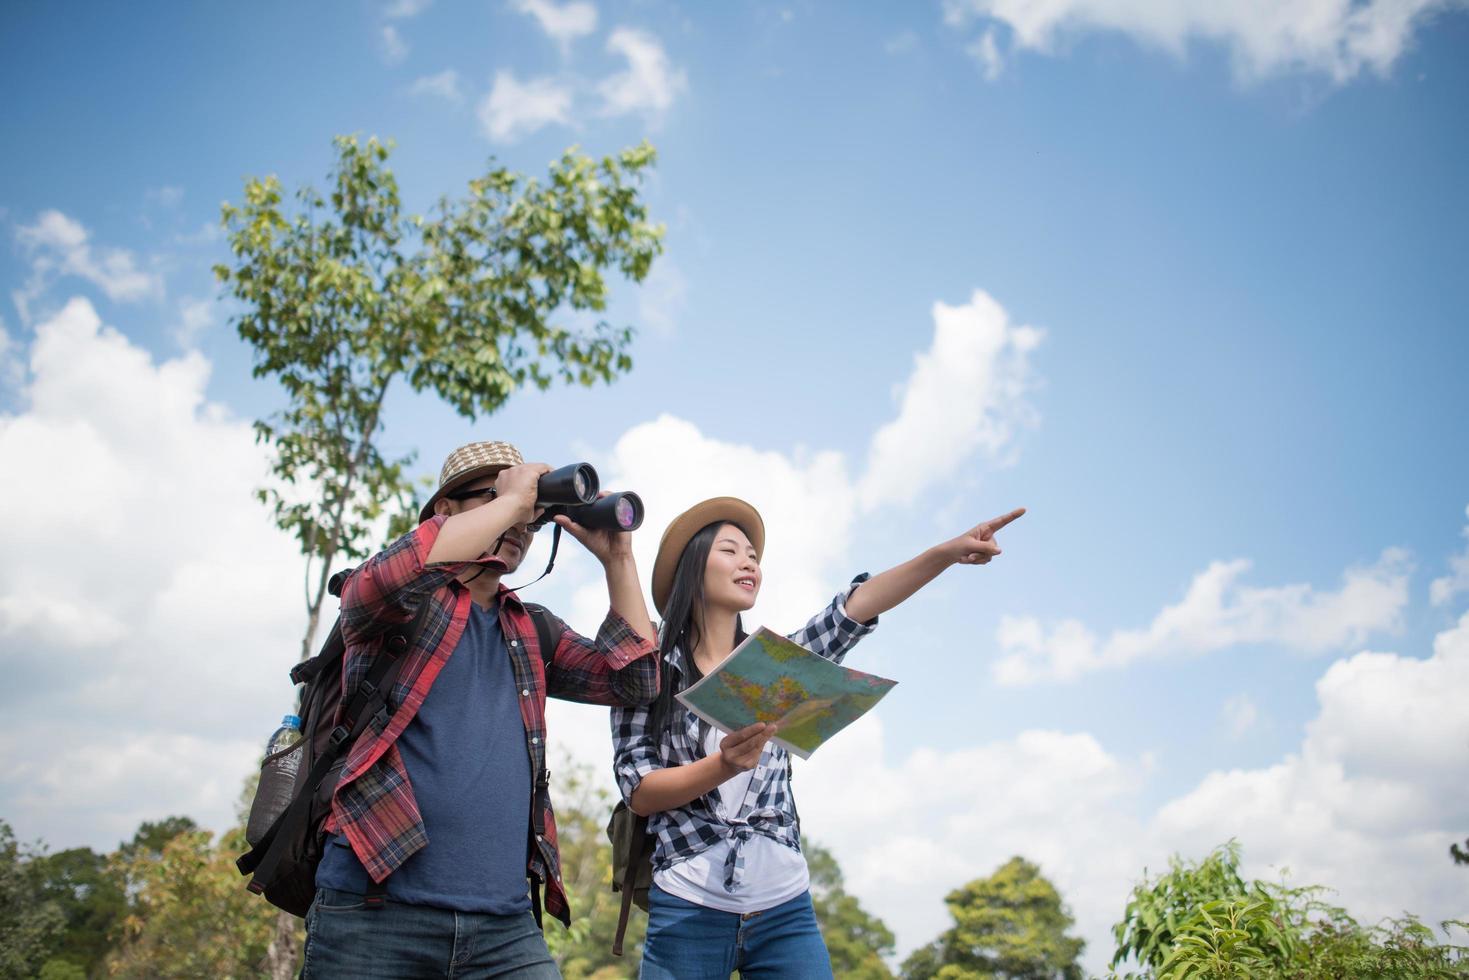 glückliche junge Wanderer, die im Wald stehen foto